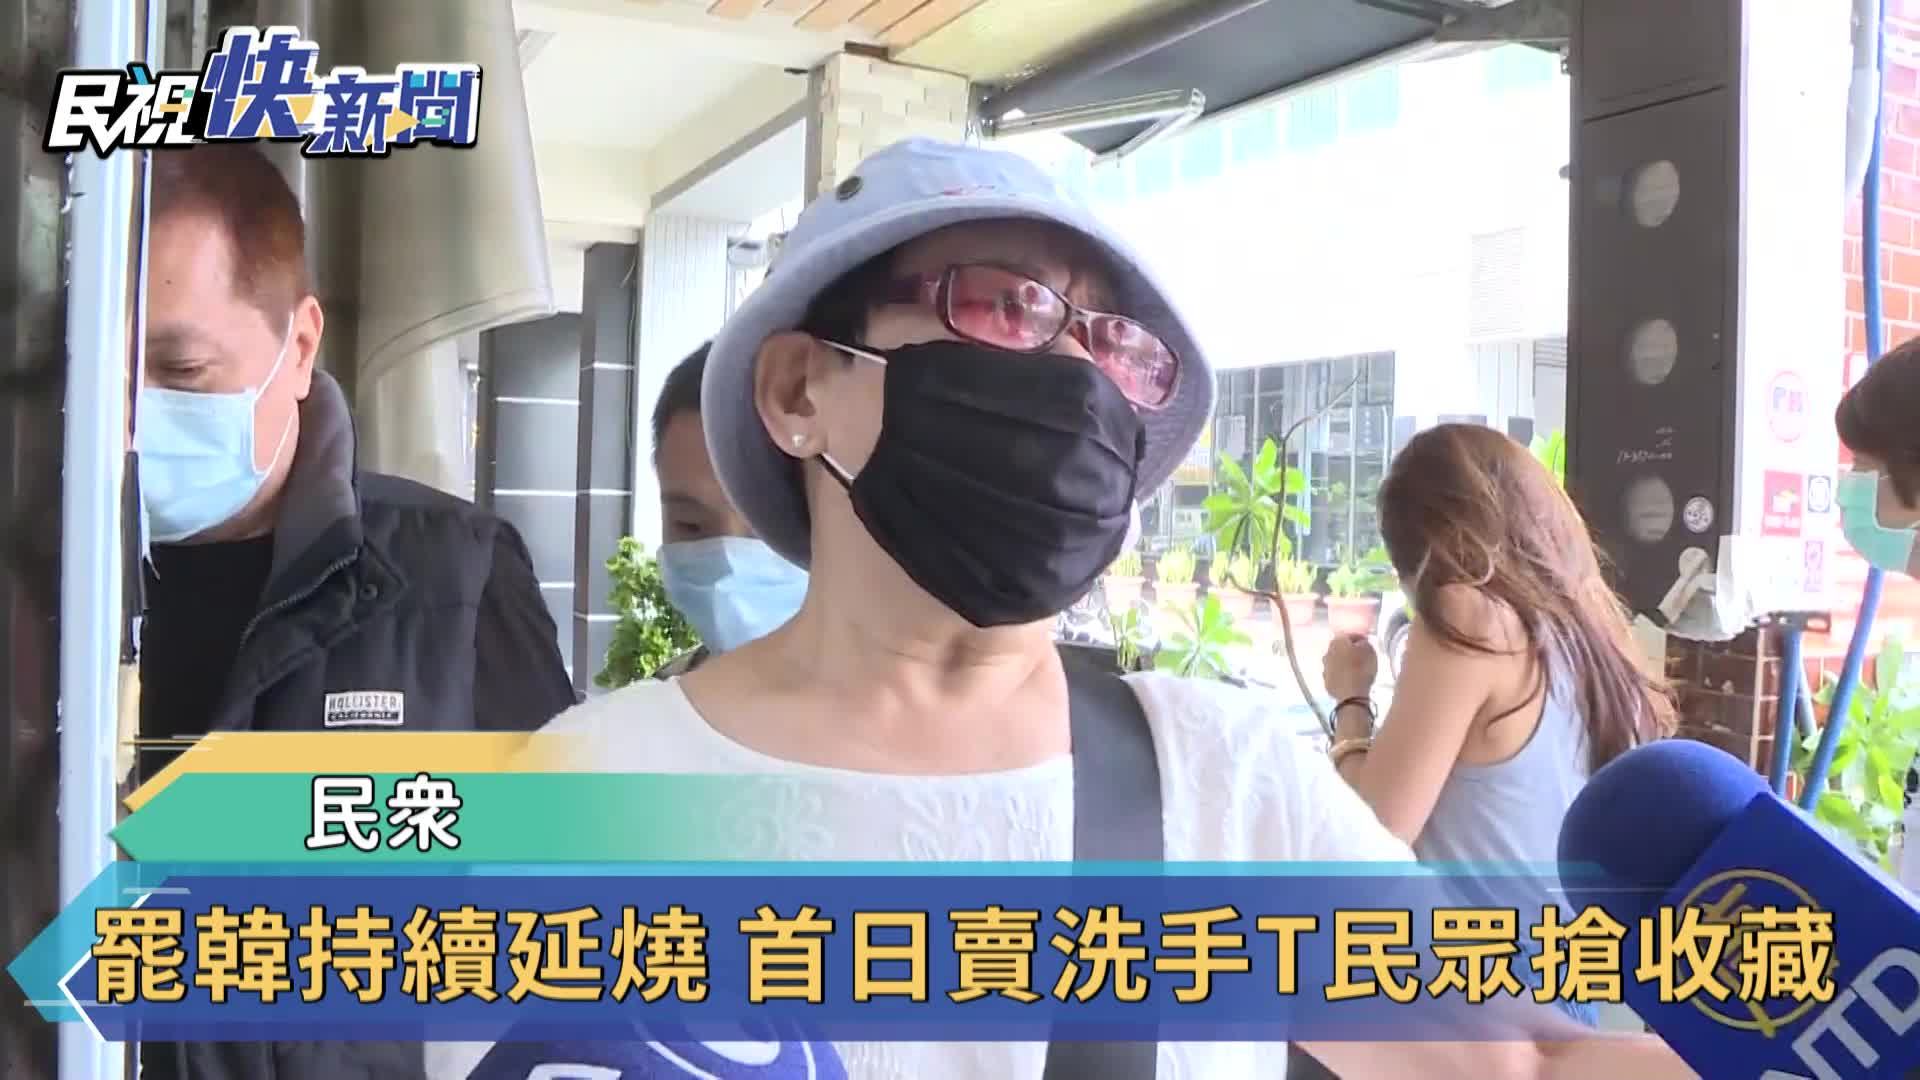 快新聞/「洗手罷T」今開賣!民眾排隊選購挺罷免